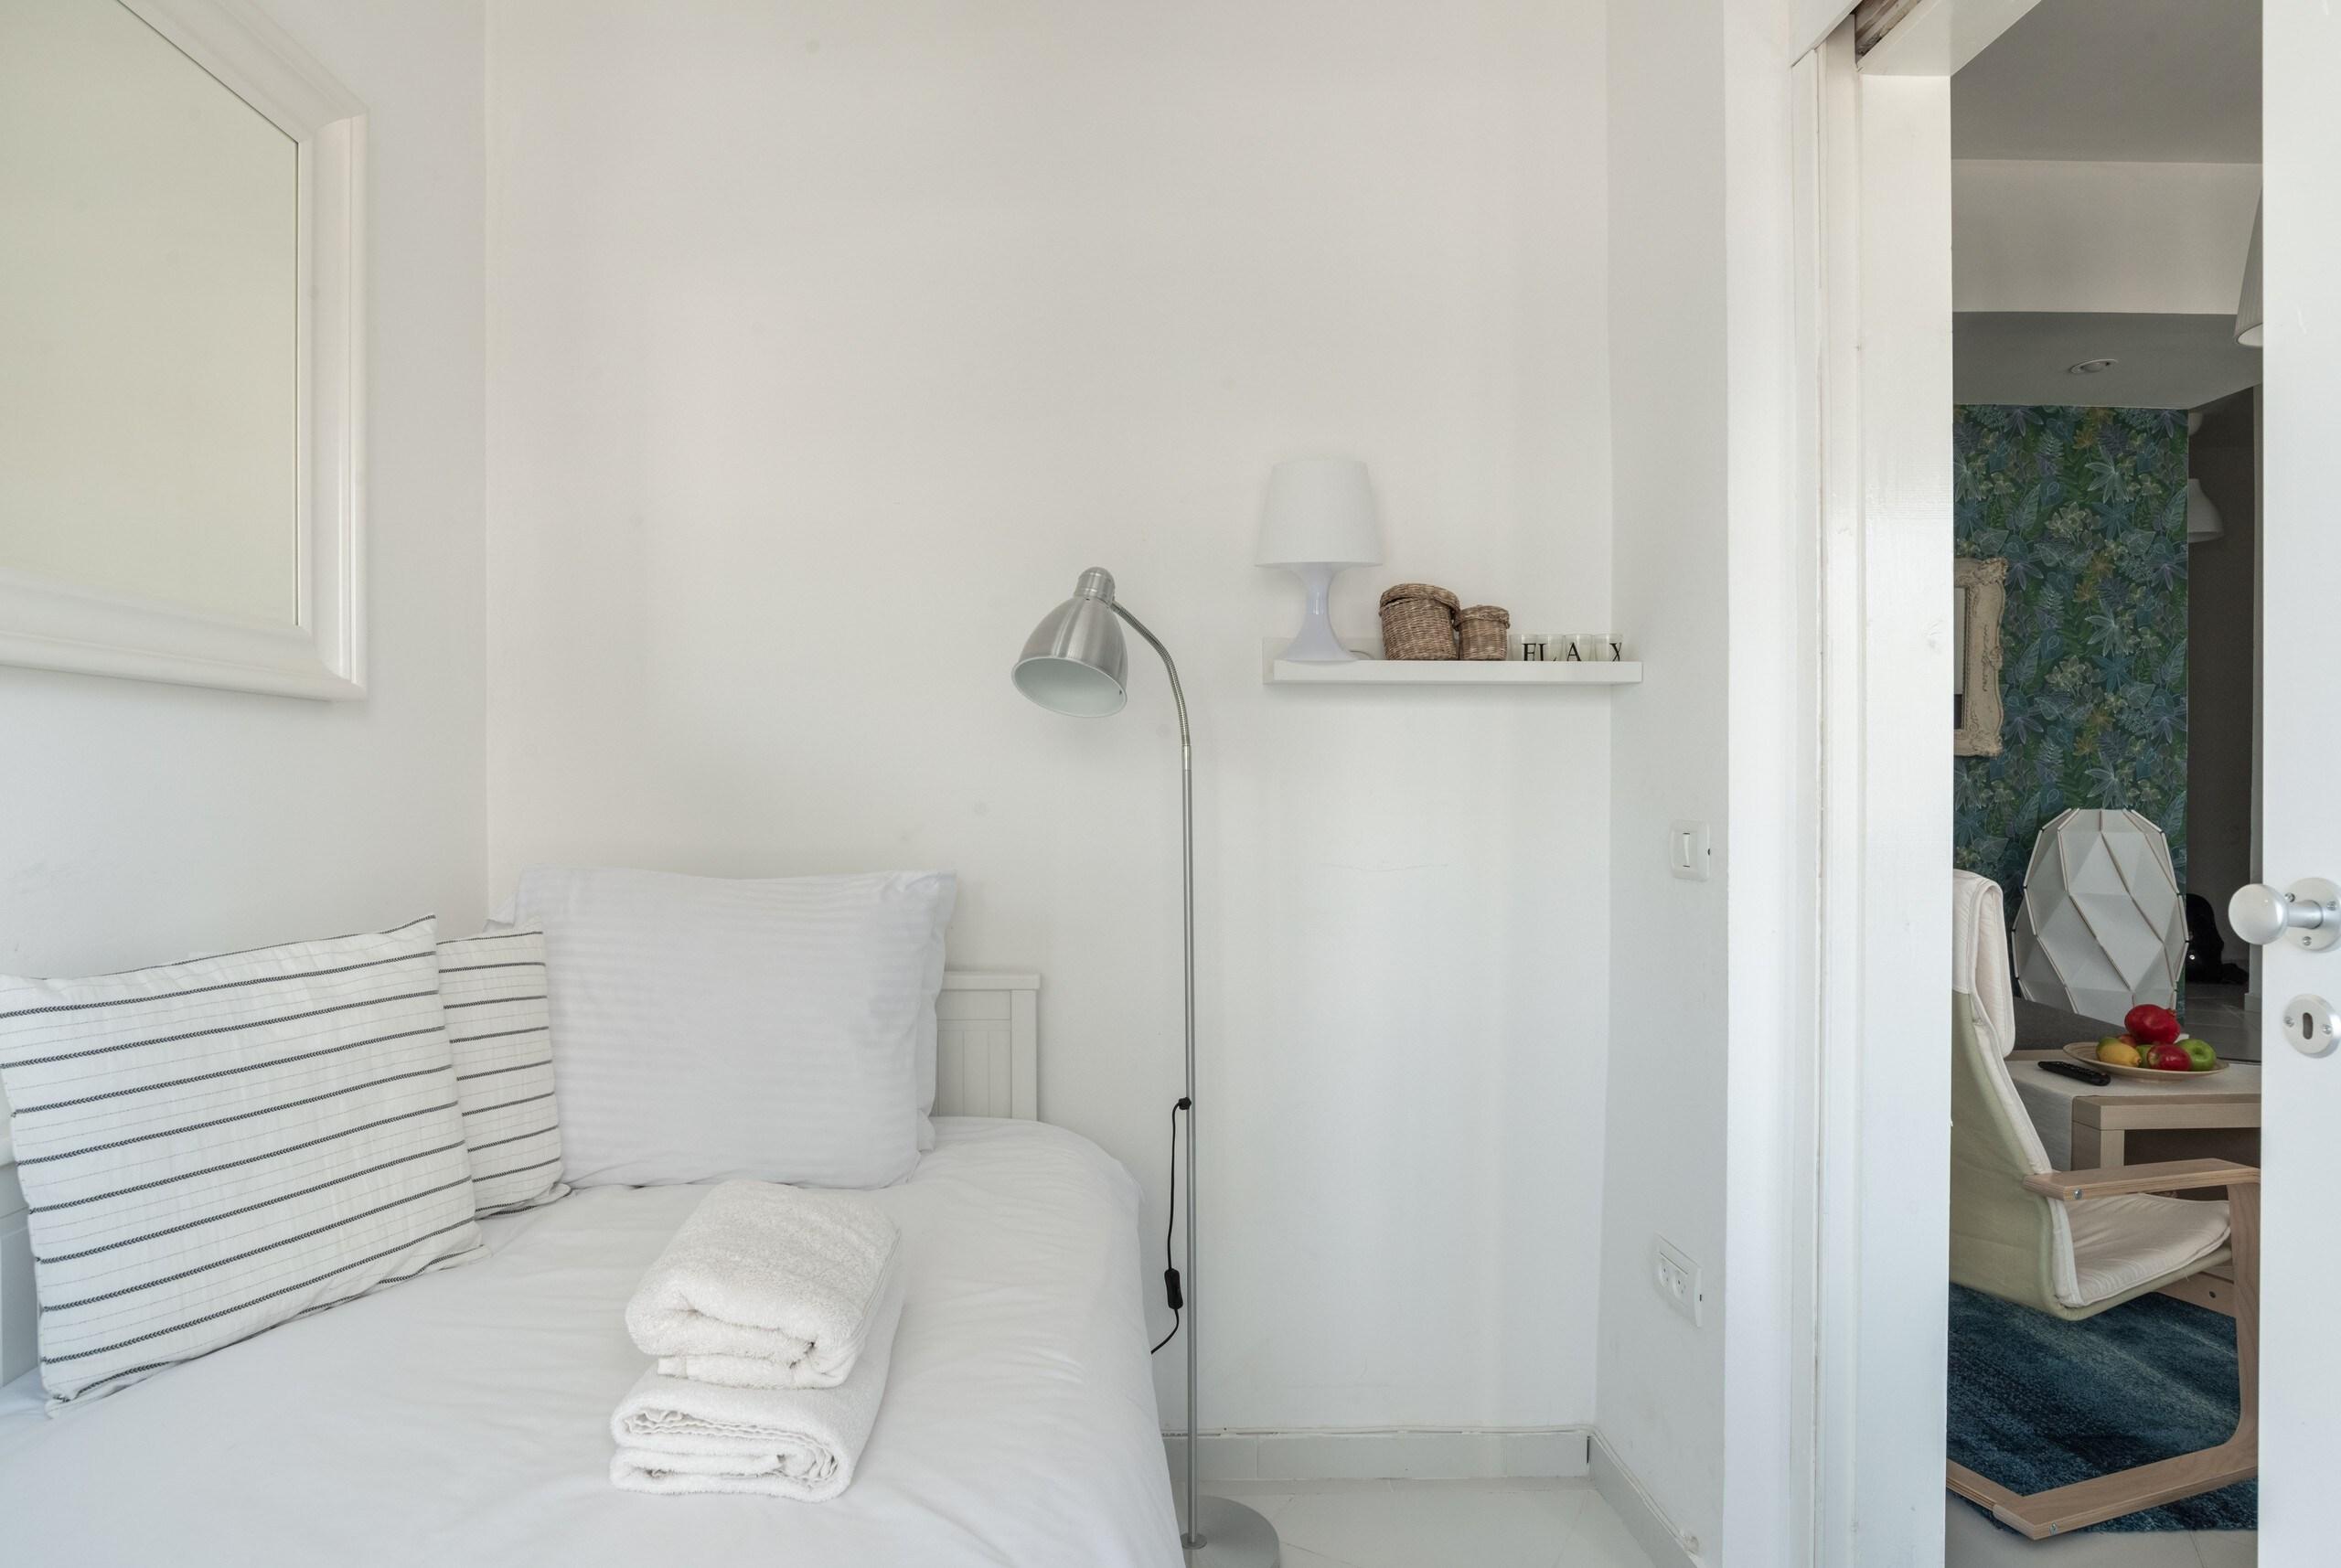 Apartment Sea View 2 bedroom apartment next to Hilton beach photo 21105529